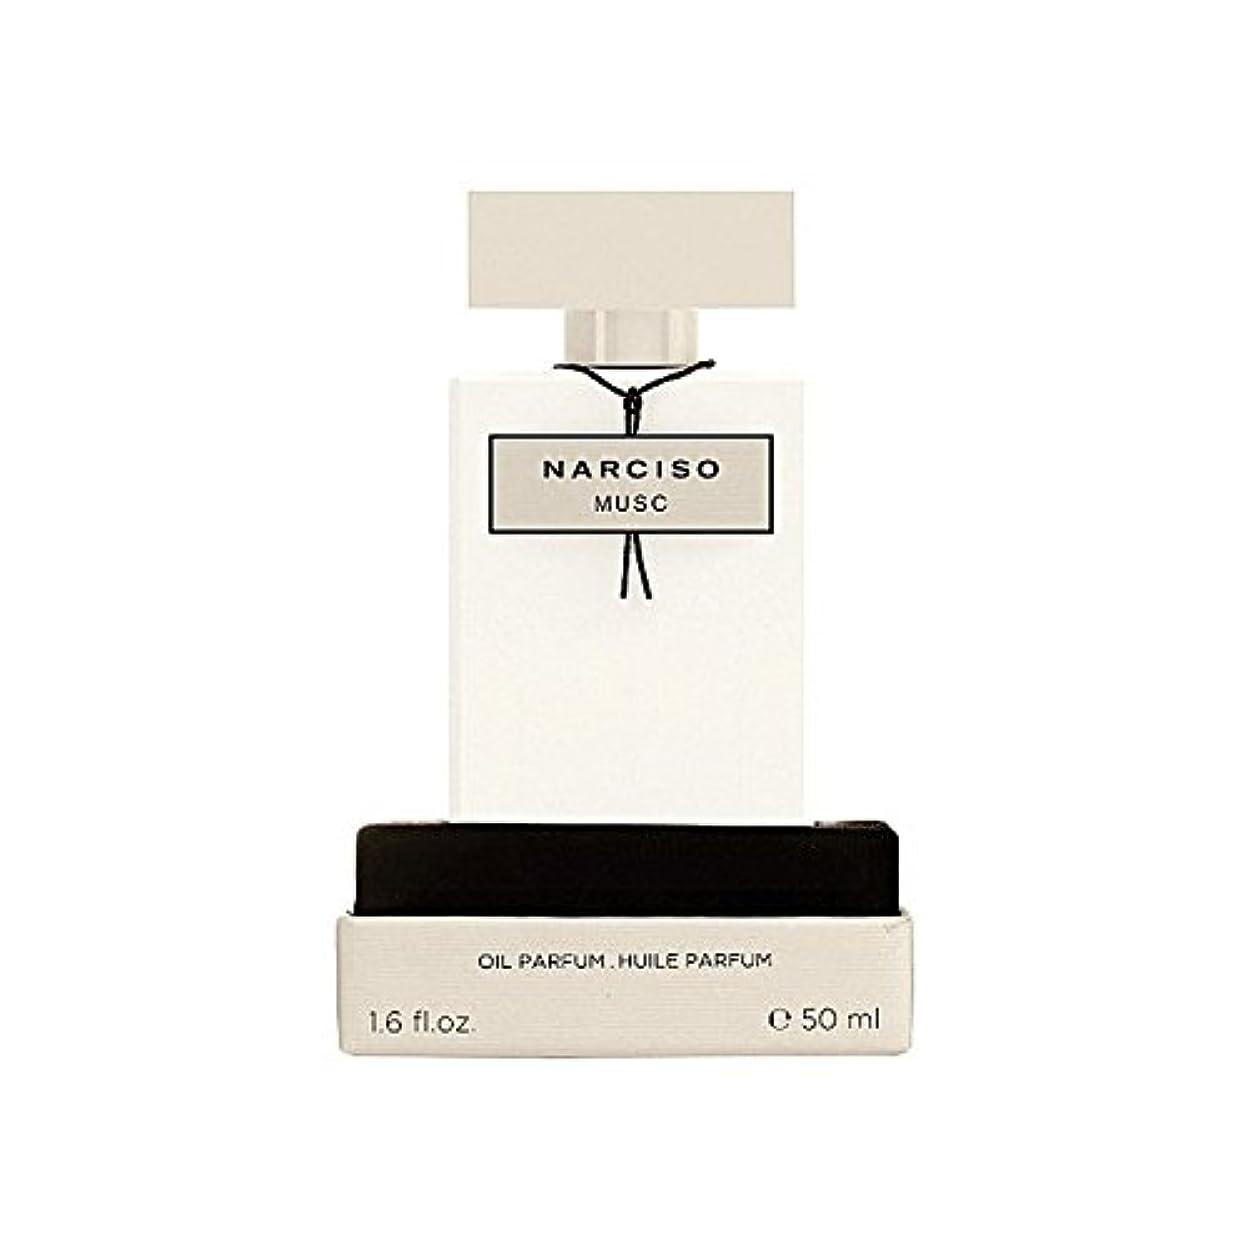 鉄道凝縮する偏見ナルシソ?ロドリゲスナルシソオイル50ミリリットル x4 - Narciso Rodriguez Narciso Musc Oil 50ml (Pack of 4) [並行輸入品]